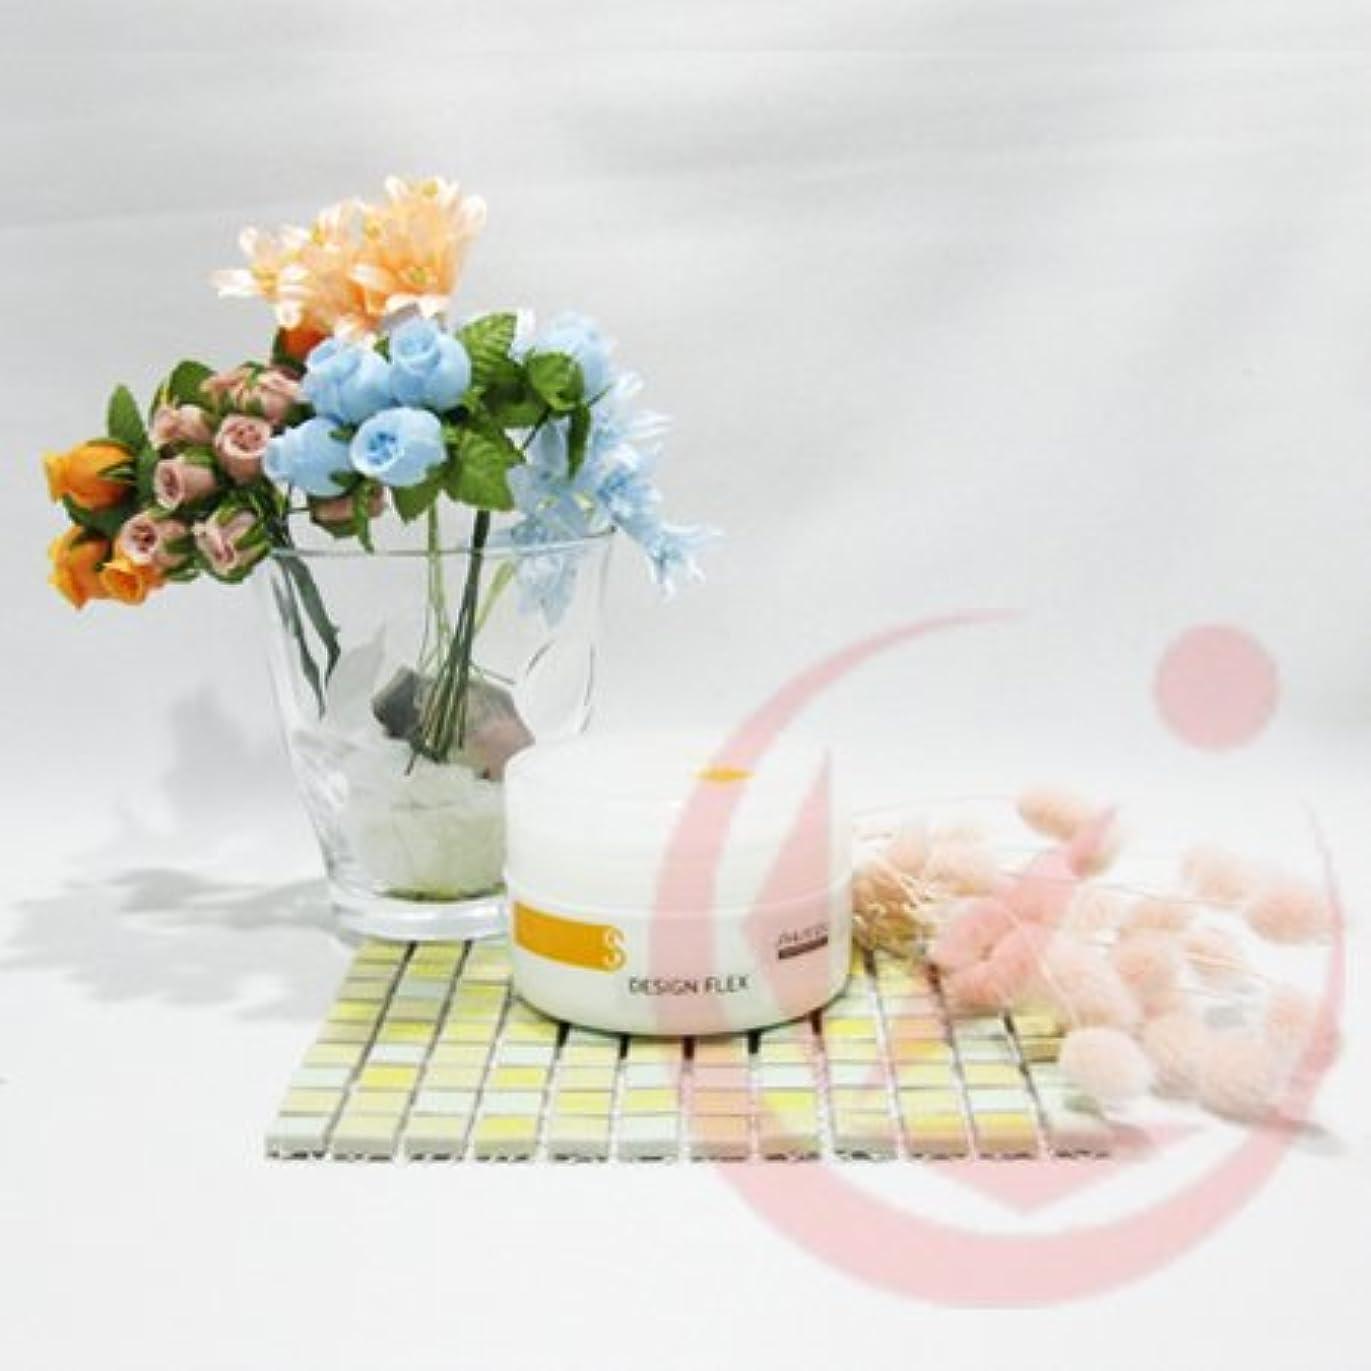 バット部門ピル資生堂 デザインフレックス エアテイスト ワックス(ソフト) 90g